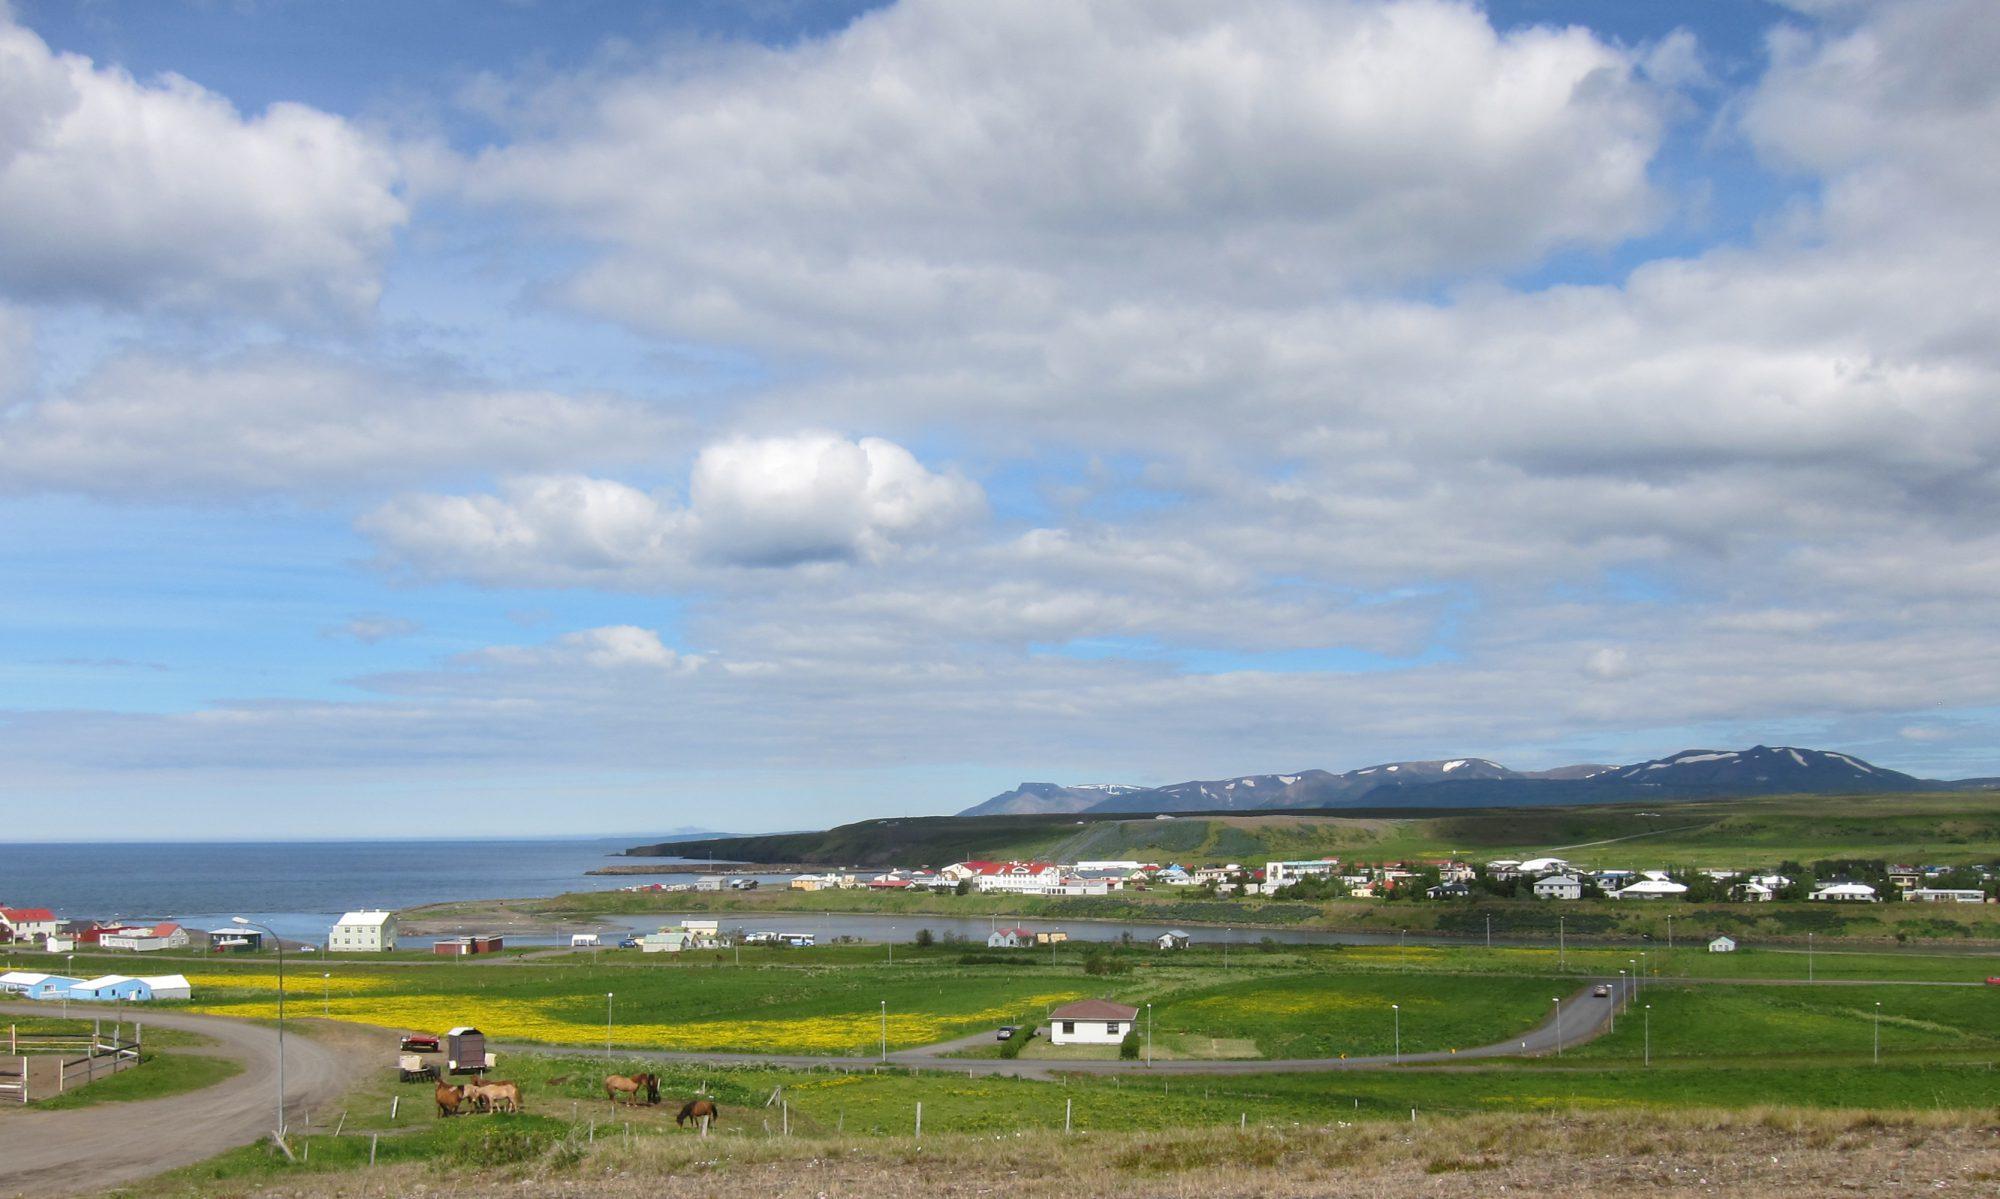 Iceland Field School